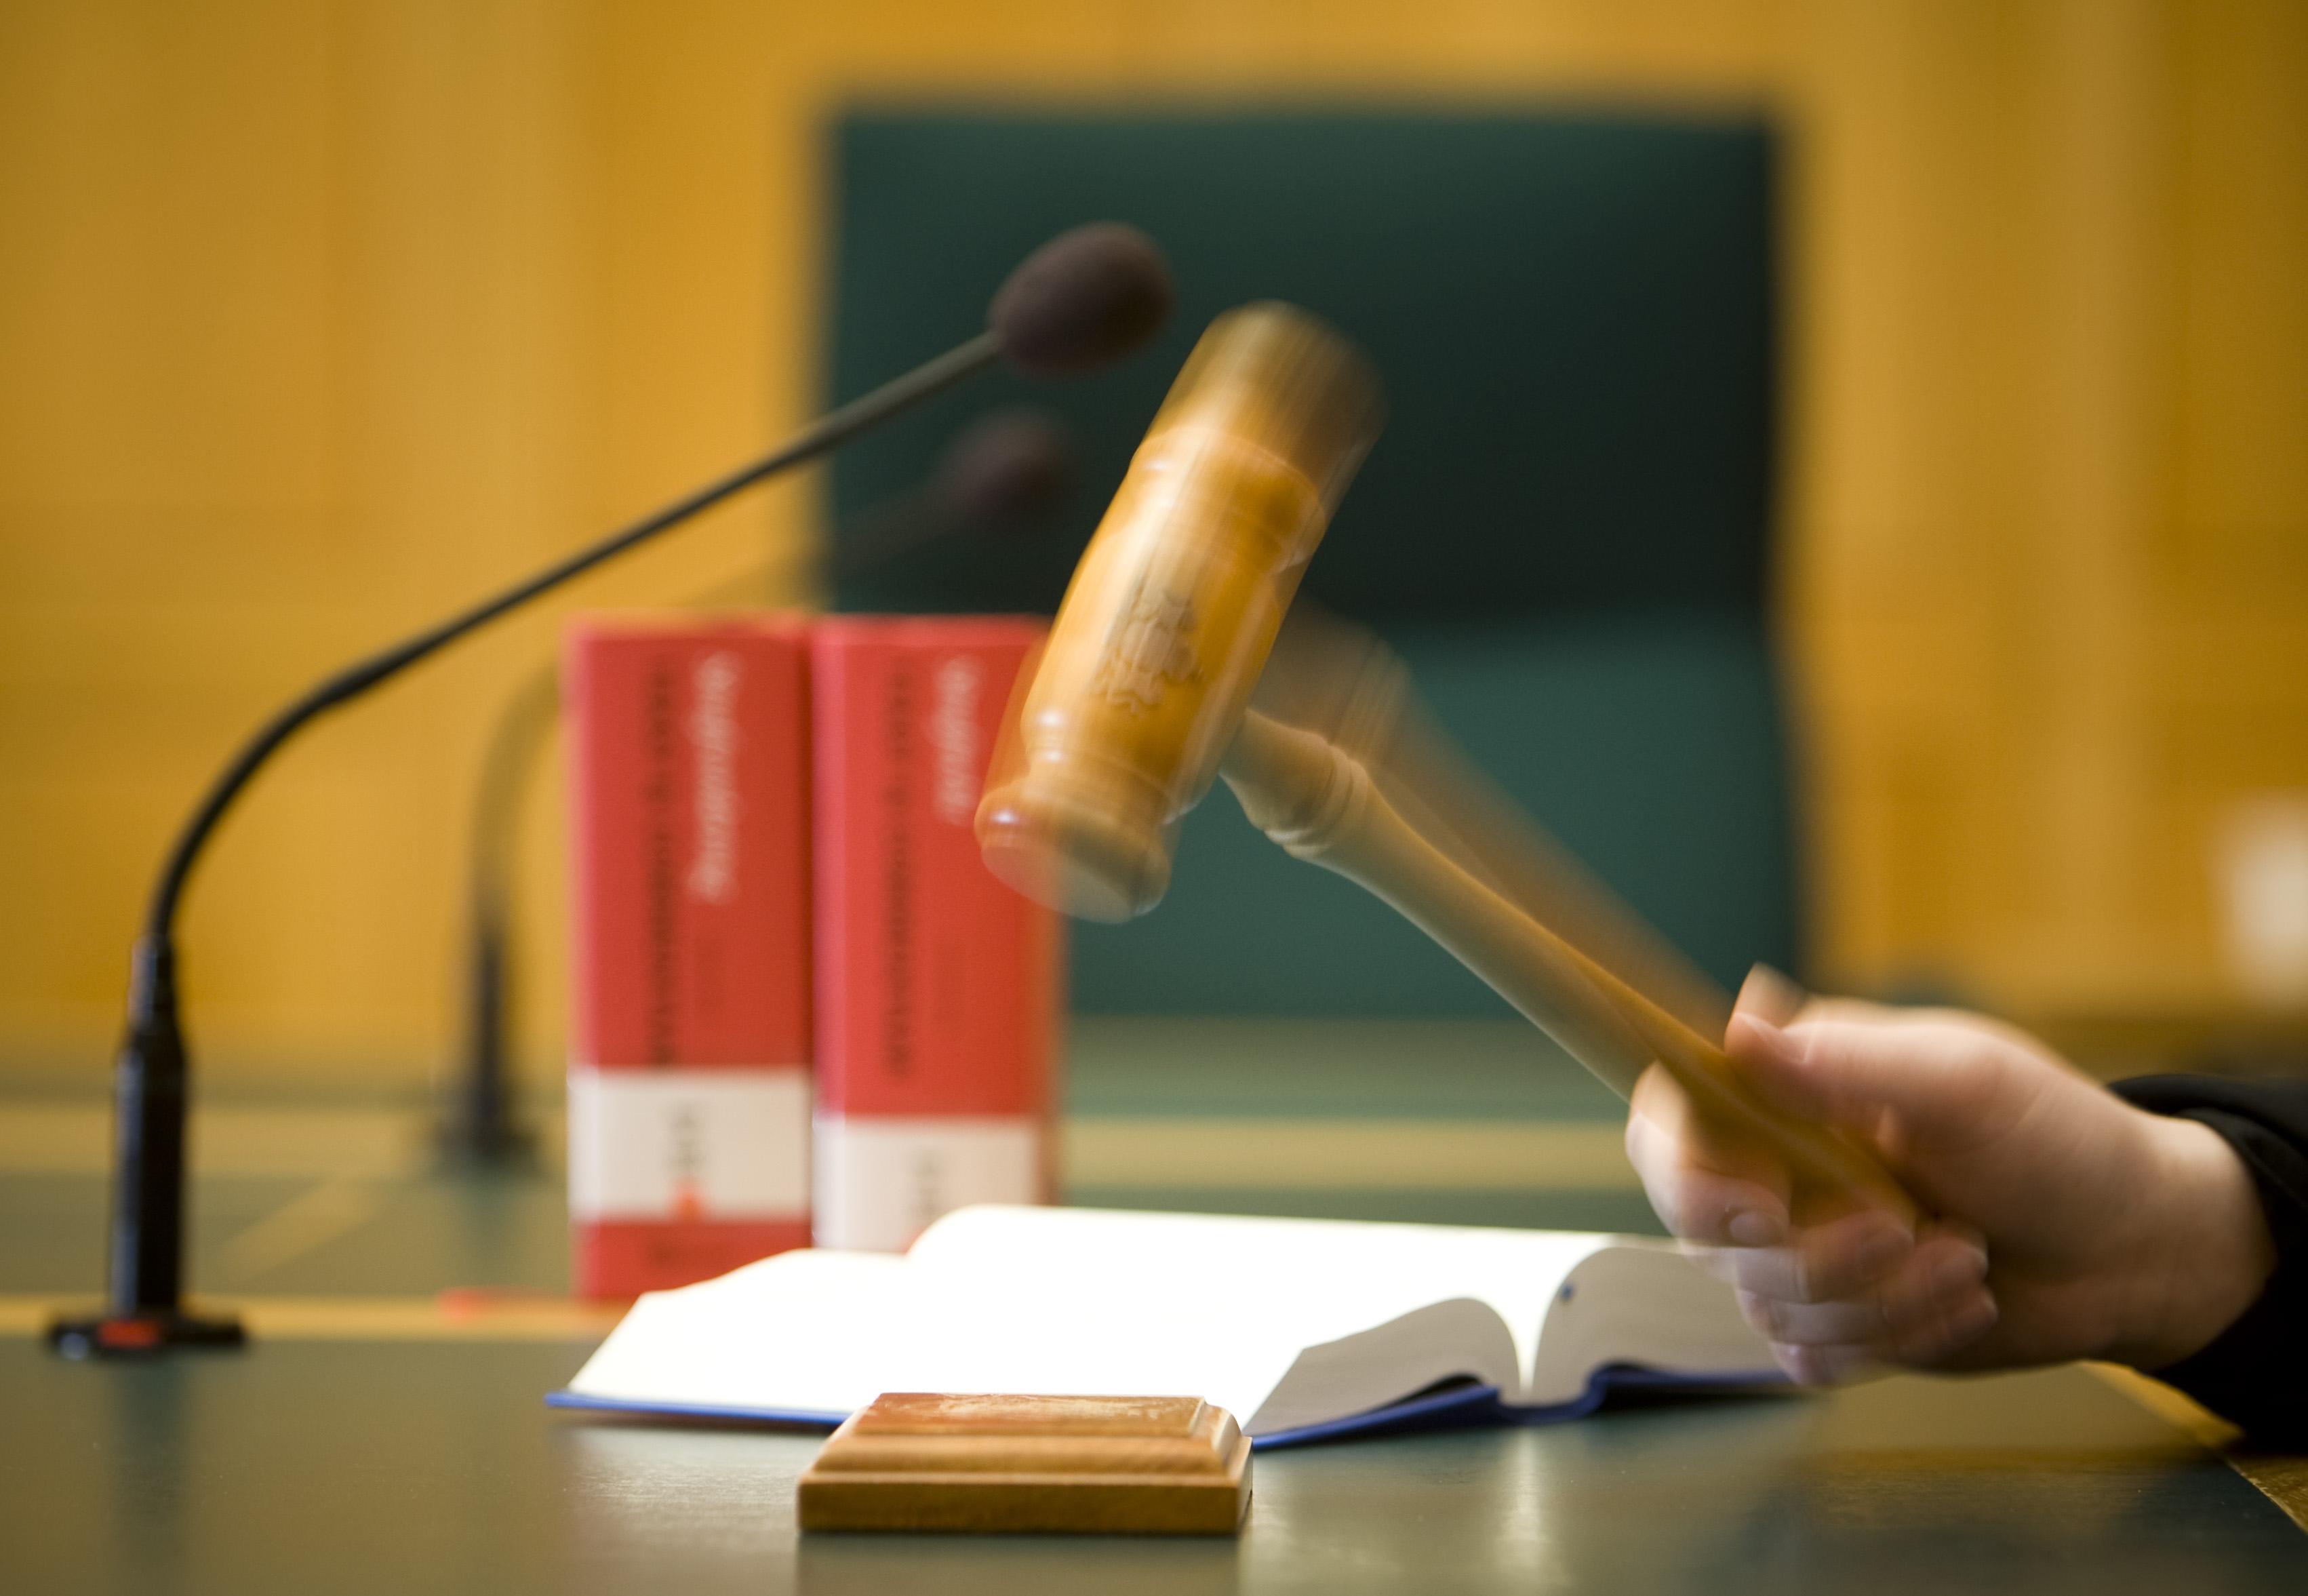 Libanonveteraan veroordeeld voor stalken therapeute Centrum '45